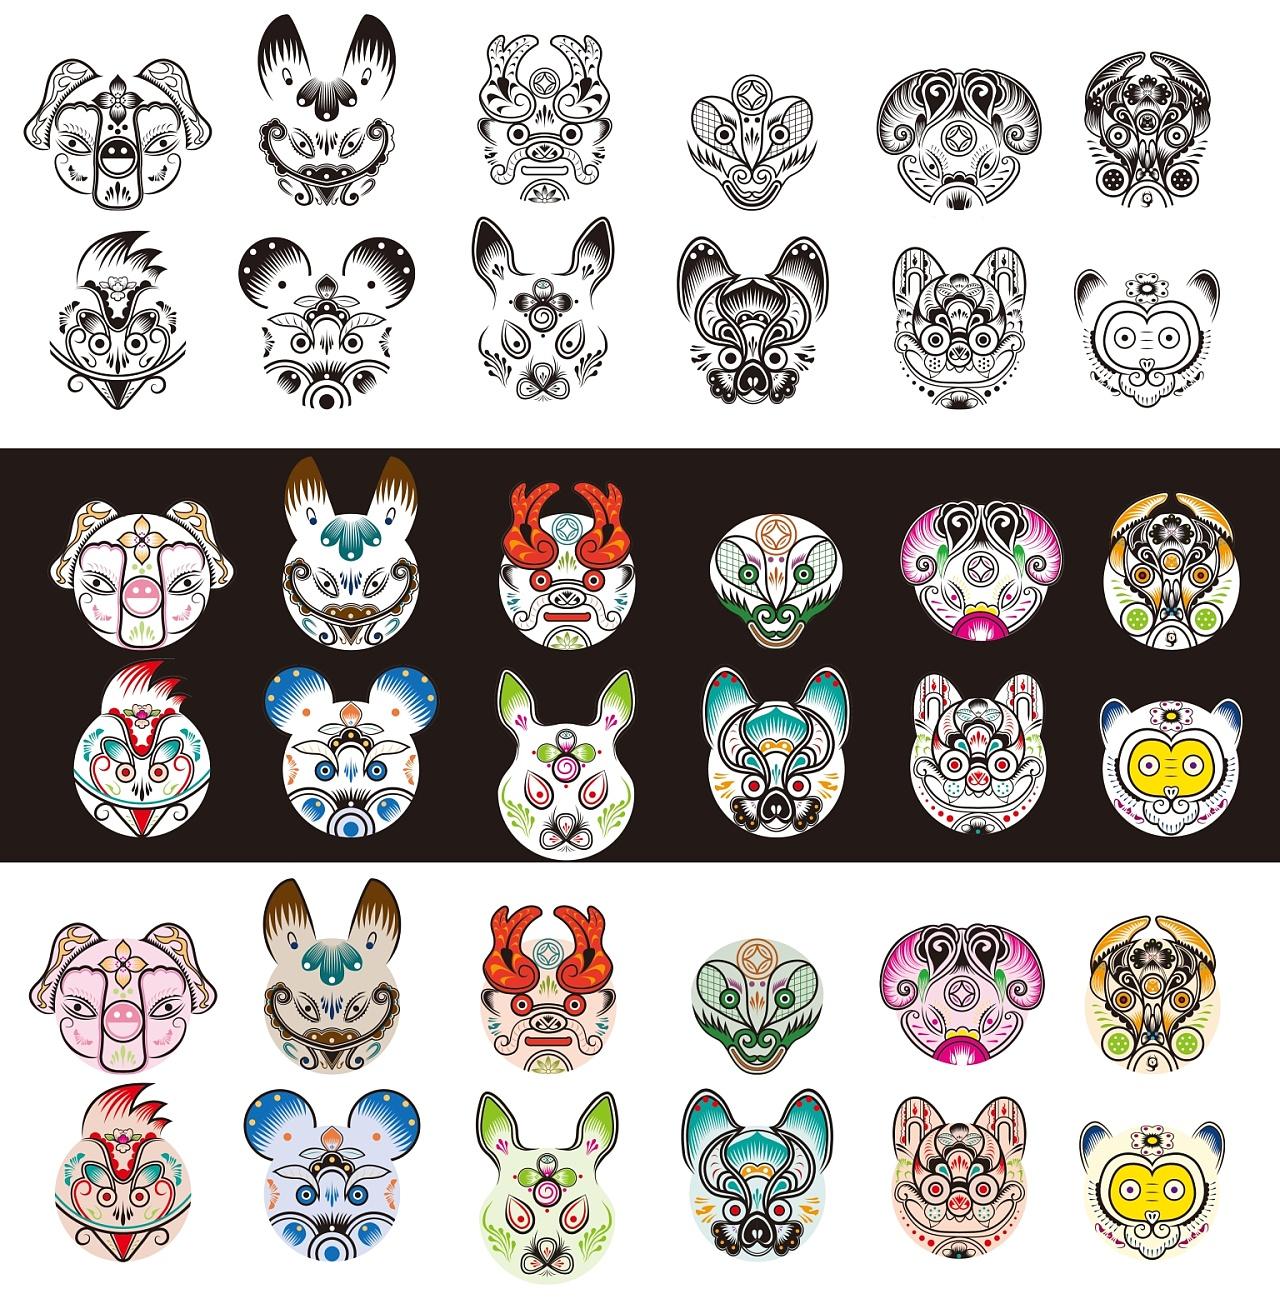 生肖系列的创意图案,了解凤翔彩绘泥塑的色彩,传统元素以及造型的变化